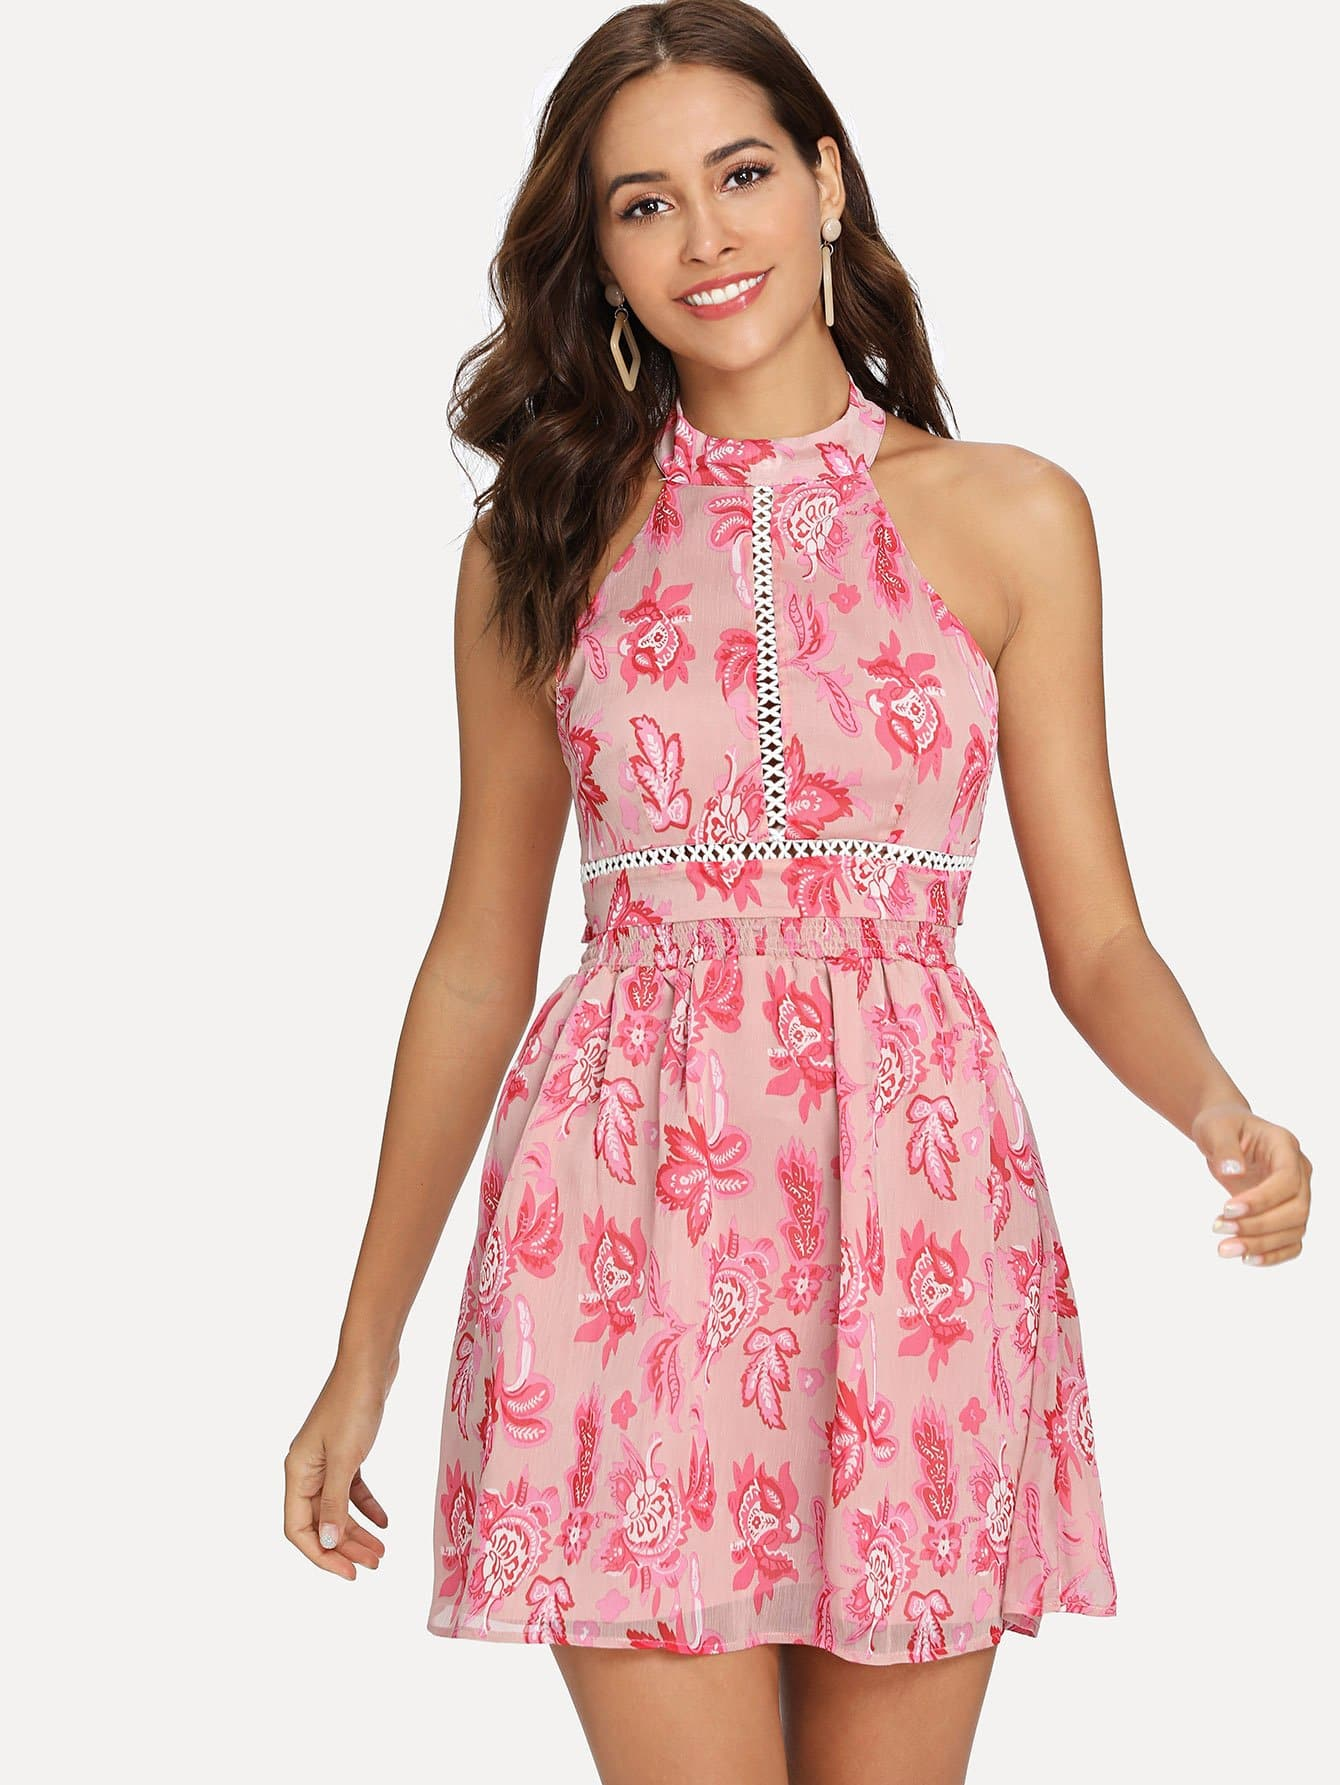 Bow Tie Back Floral Halter Dress tie back floral dress